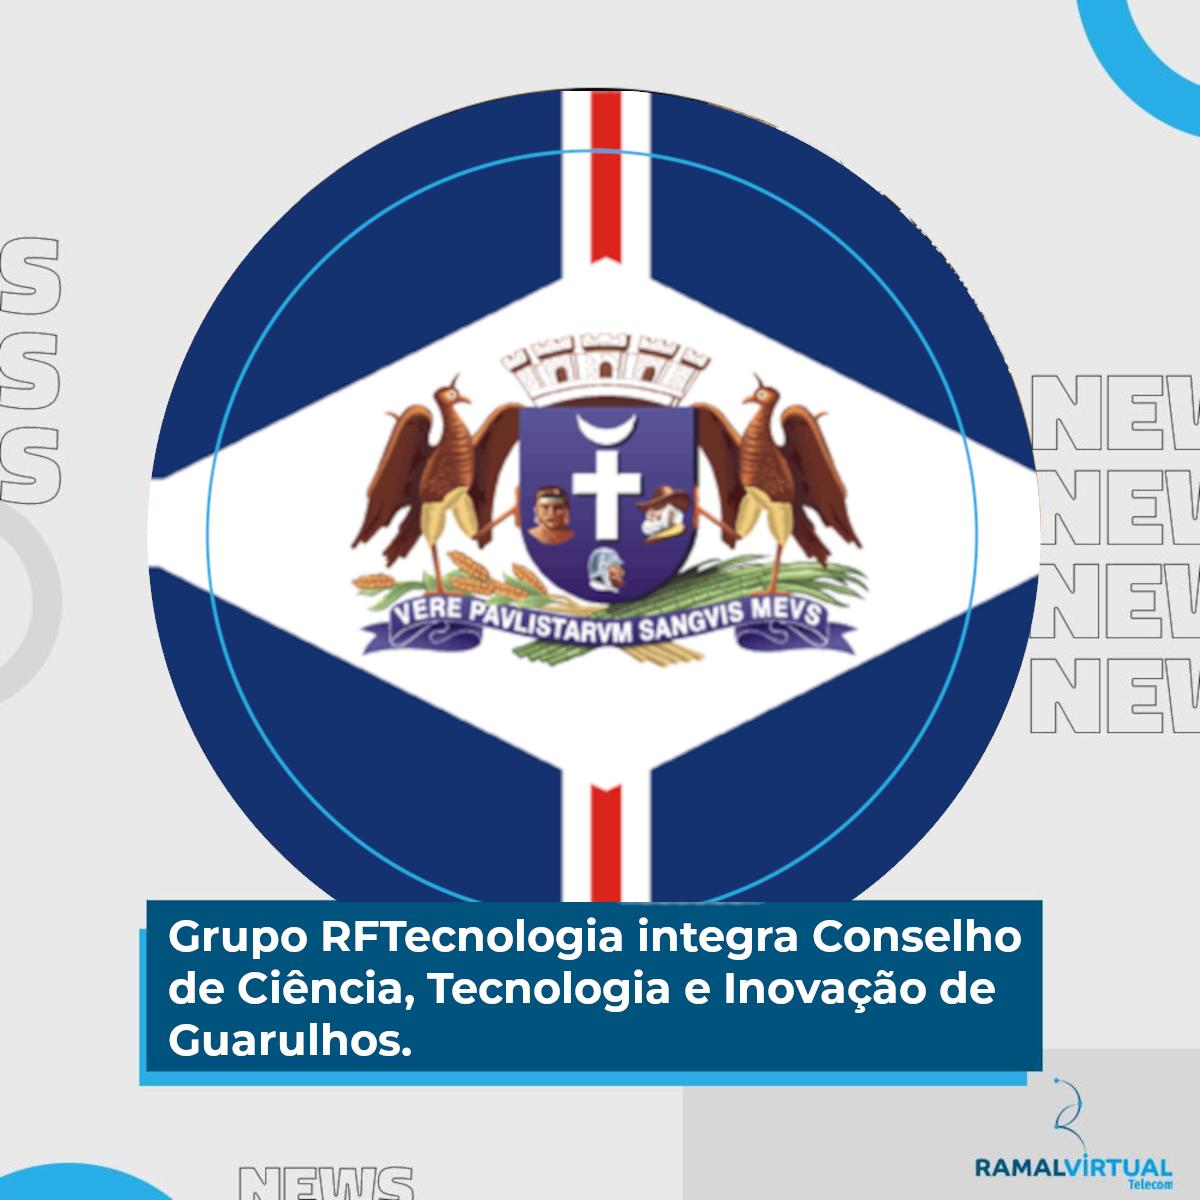 [Grupo RFTecnologia integra Conselho de Ciência, Tecnologia e Inovação de Guarulhos]